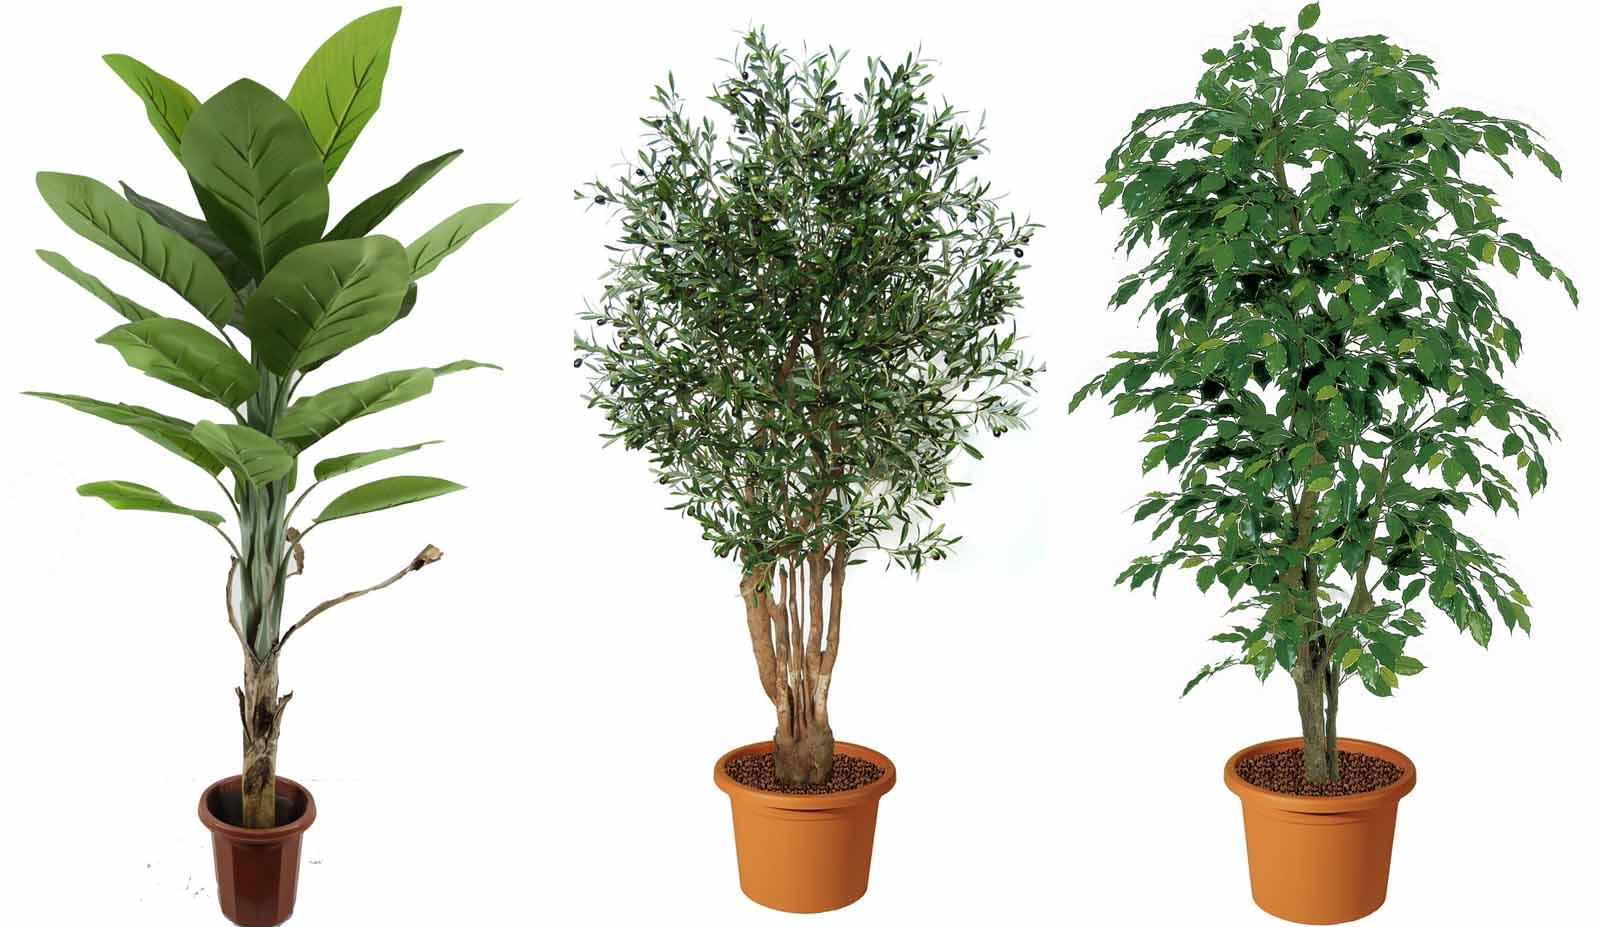 Piante artificiali guida a come usarle in giardino for Piante grasse ornamentali